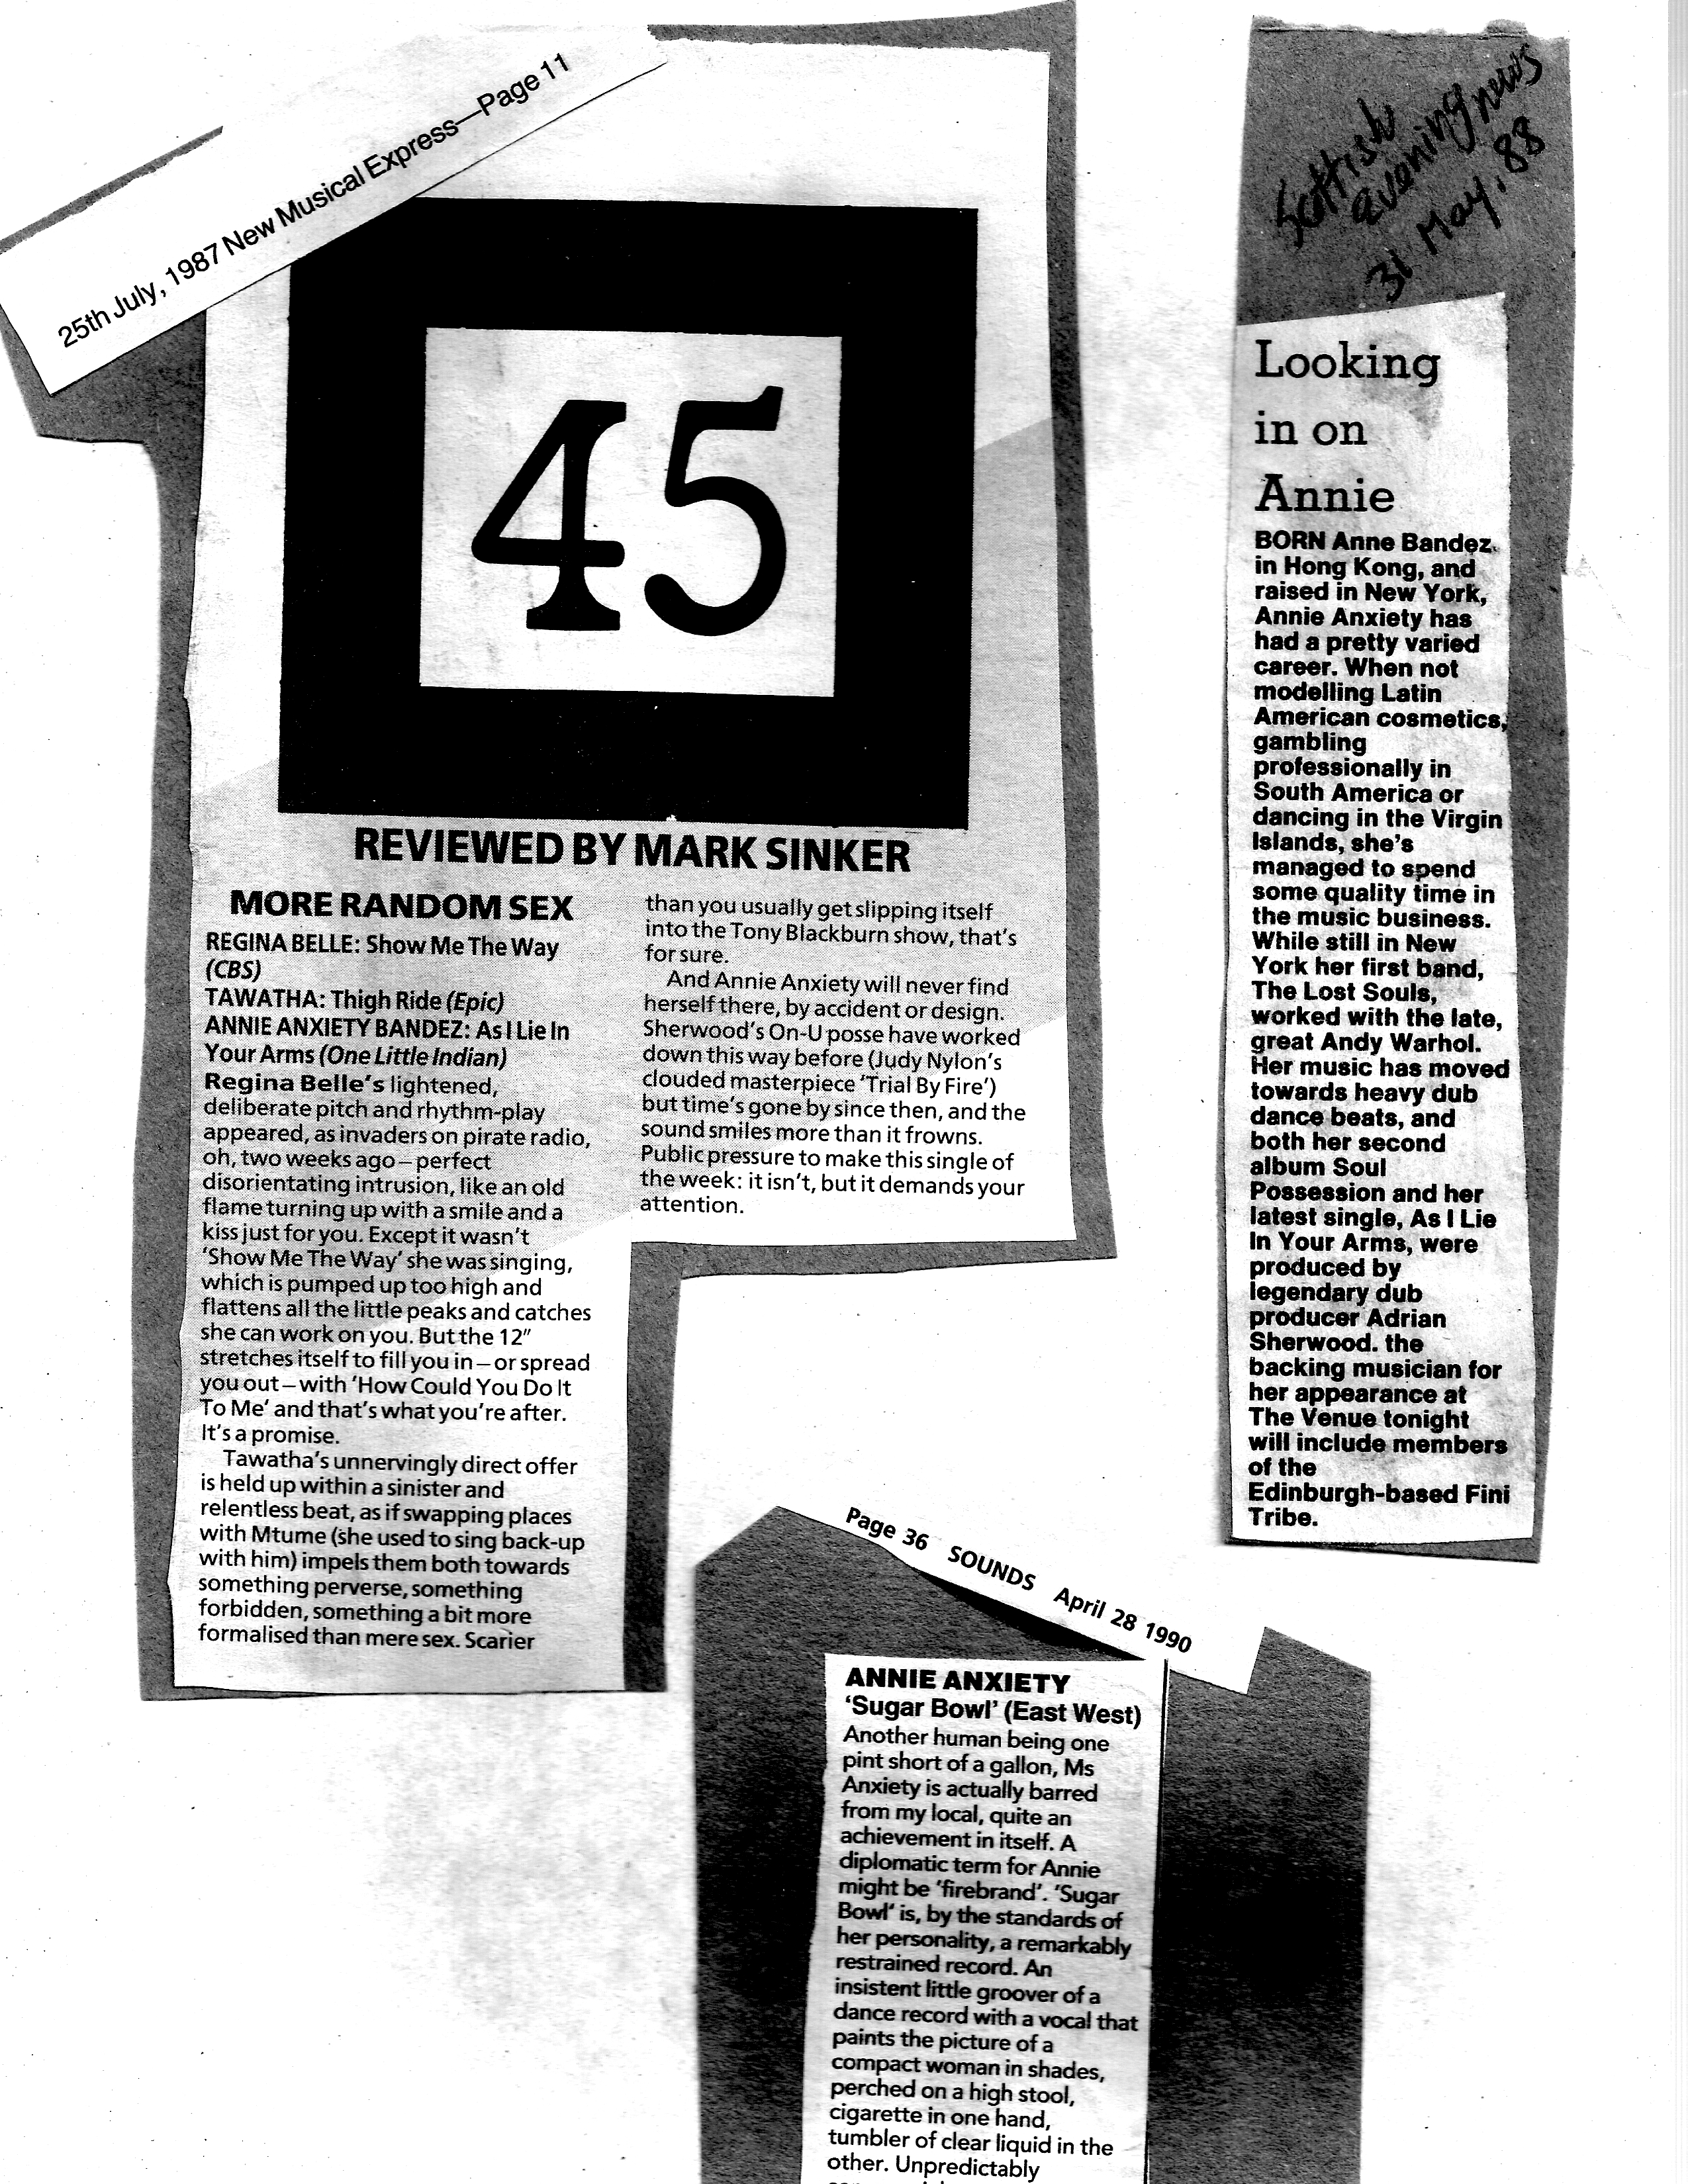 anniebandez-34